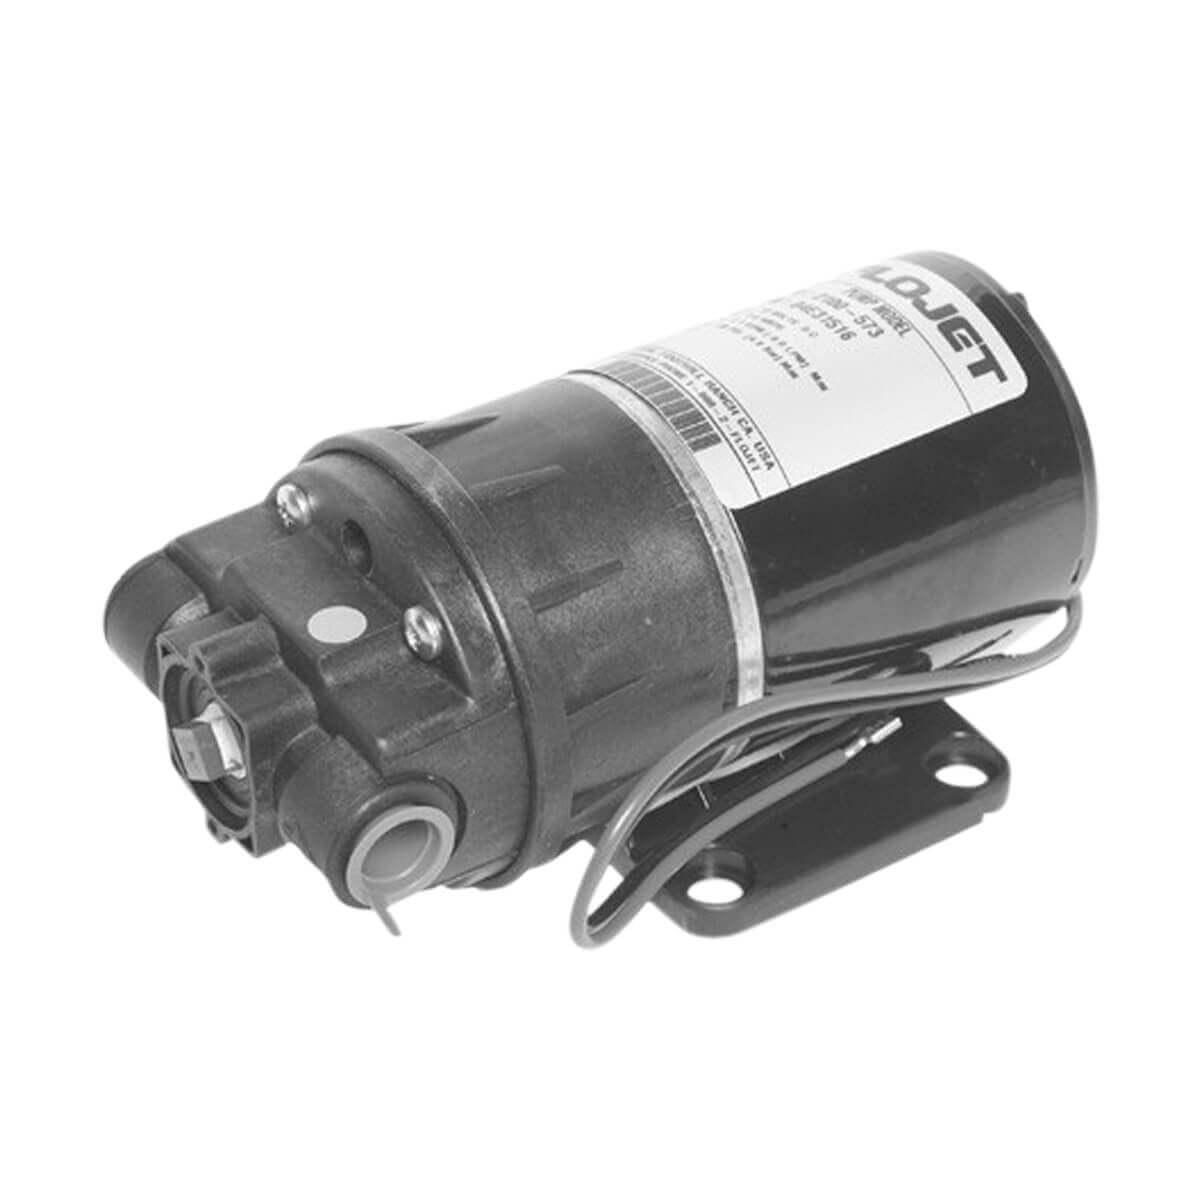 FloJet 12V Pump - 2100-907